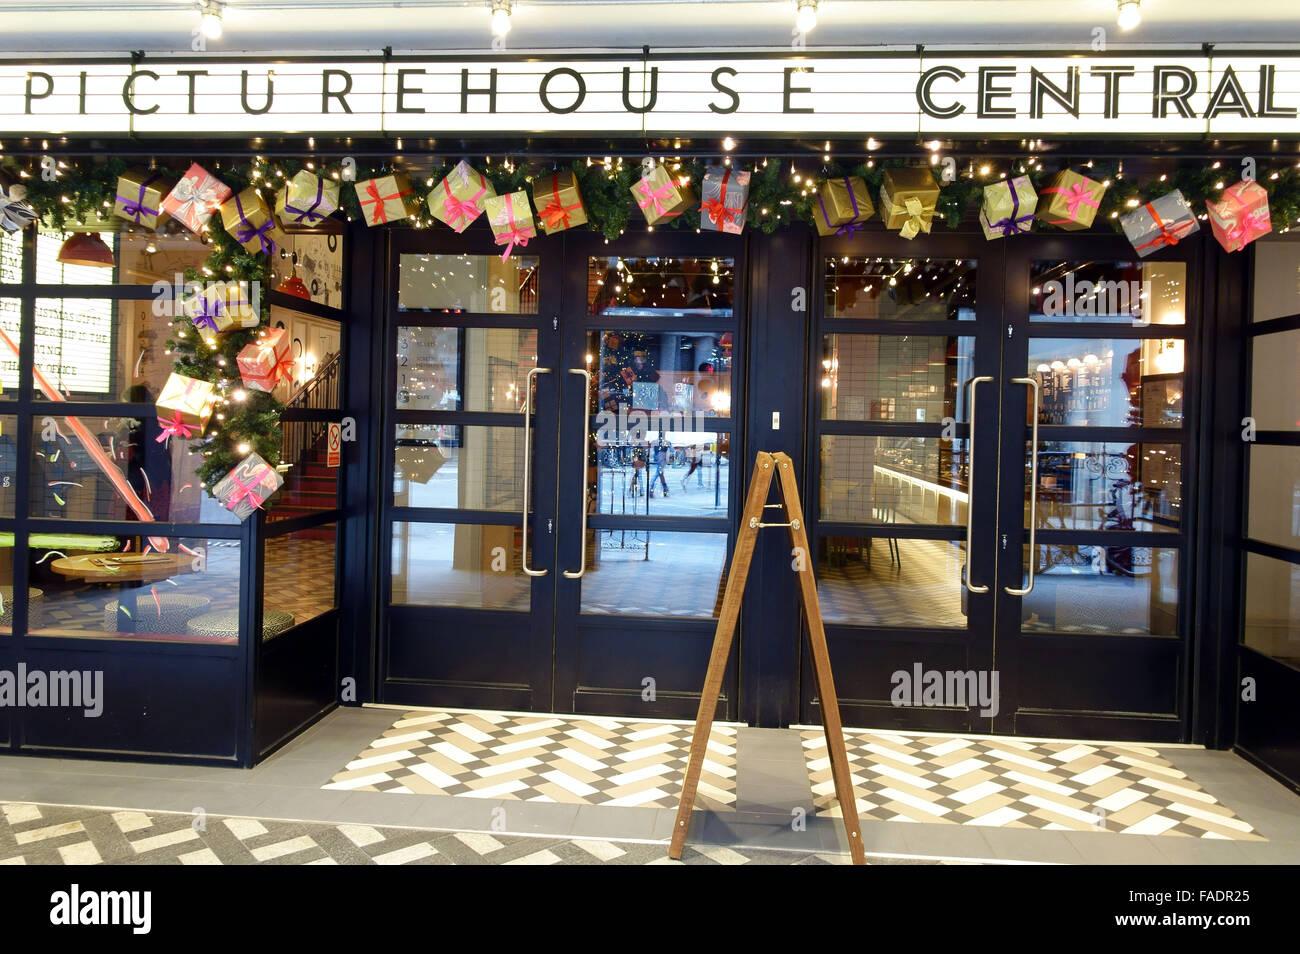 Picturehouse Central cinema, Trocadero Centre, London - Stock Image